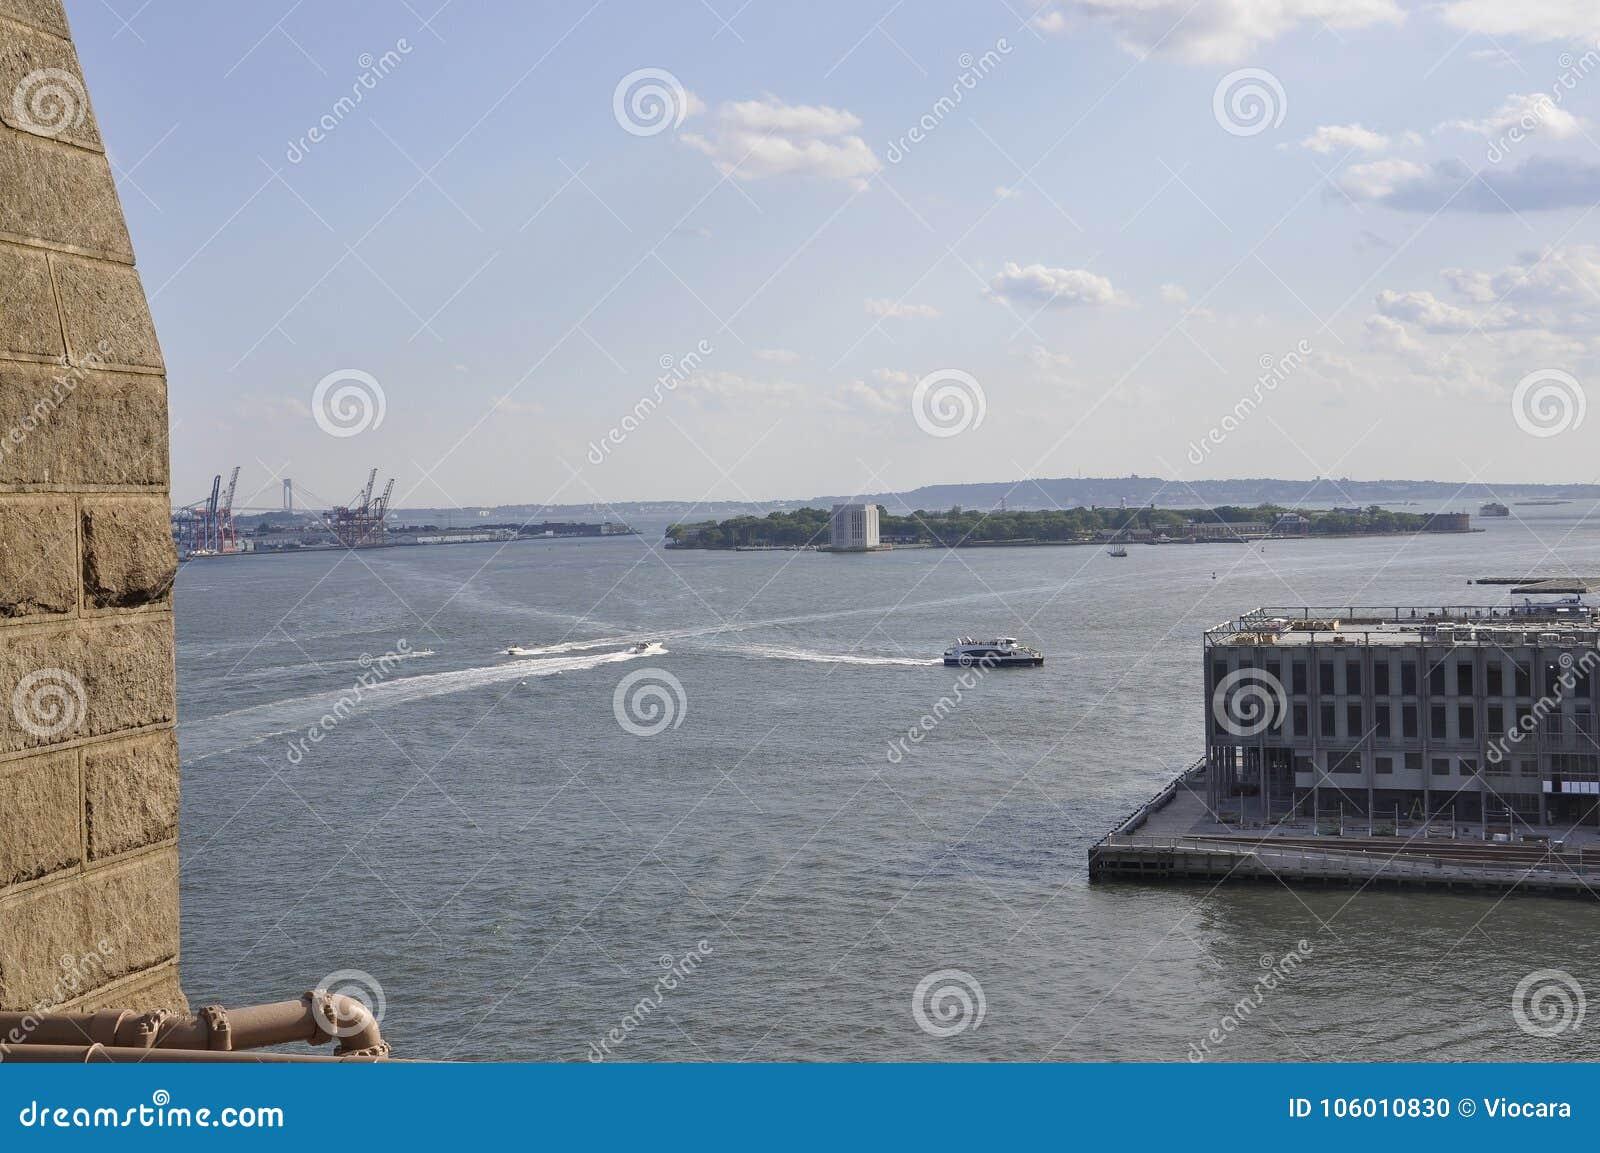 Gubernator wyspy widok od mosta brooklyńskiego nad Wschodnią rzeką od Miasto Nowy Jork w Stany Zjednoczone